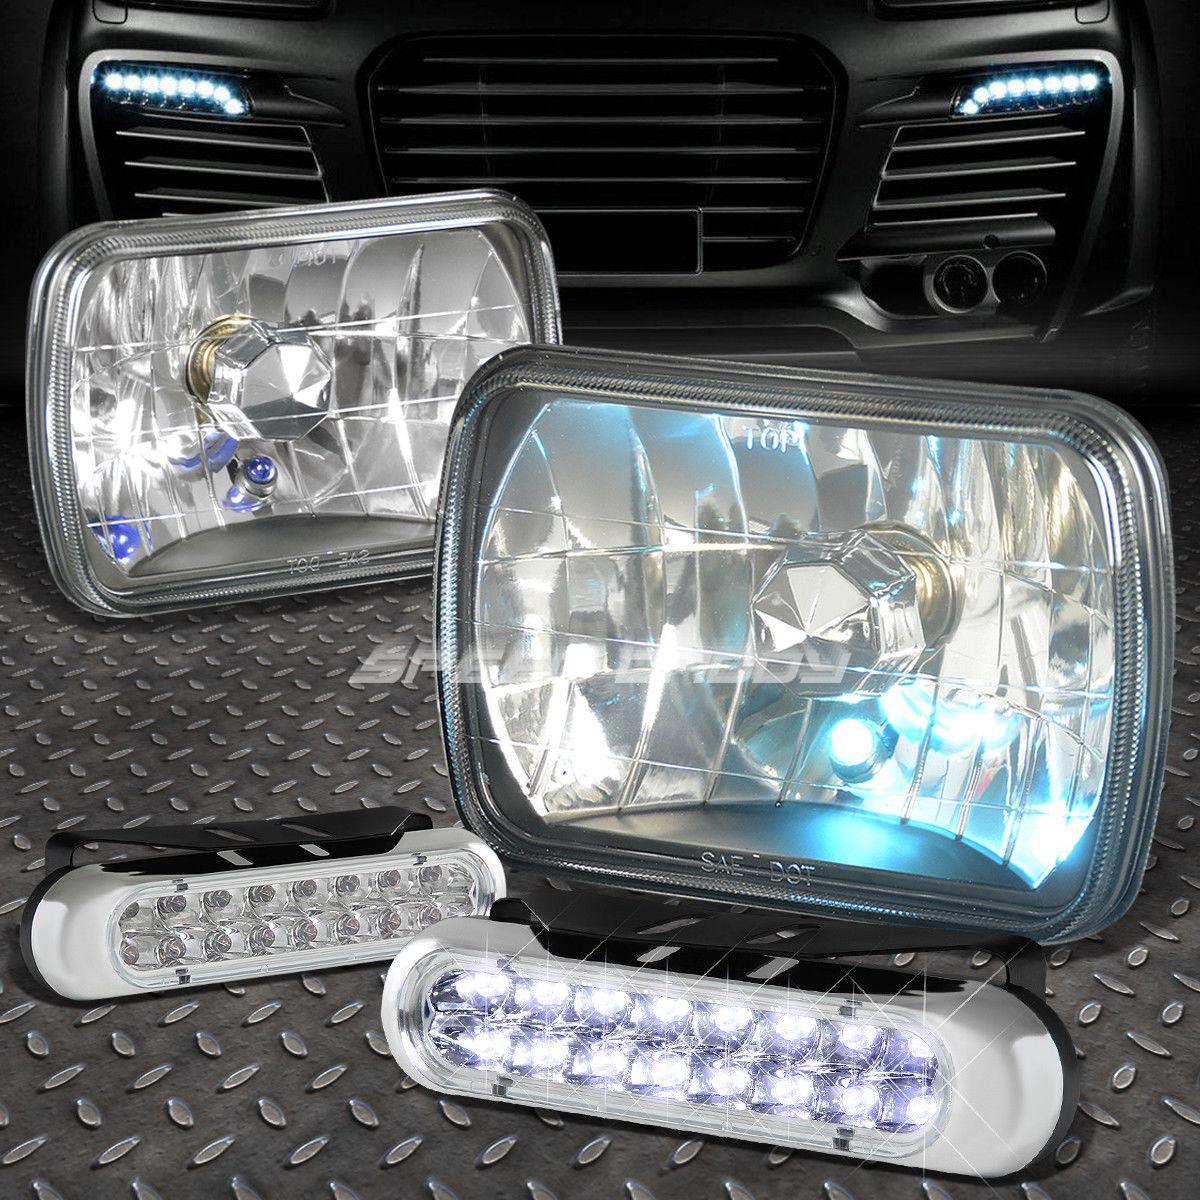 フォグライト 7x6 SQUARE BLACK HEADLIGHT+BLUE DOT LAMPS FOR+16 LED GRILL FOG LIGHT FORD/CHEVY 7×6スクエアブラックヘッドライト+ブルードットランプ+ 16 LEDグリルフォグライトフォード/チェビー